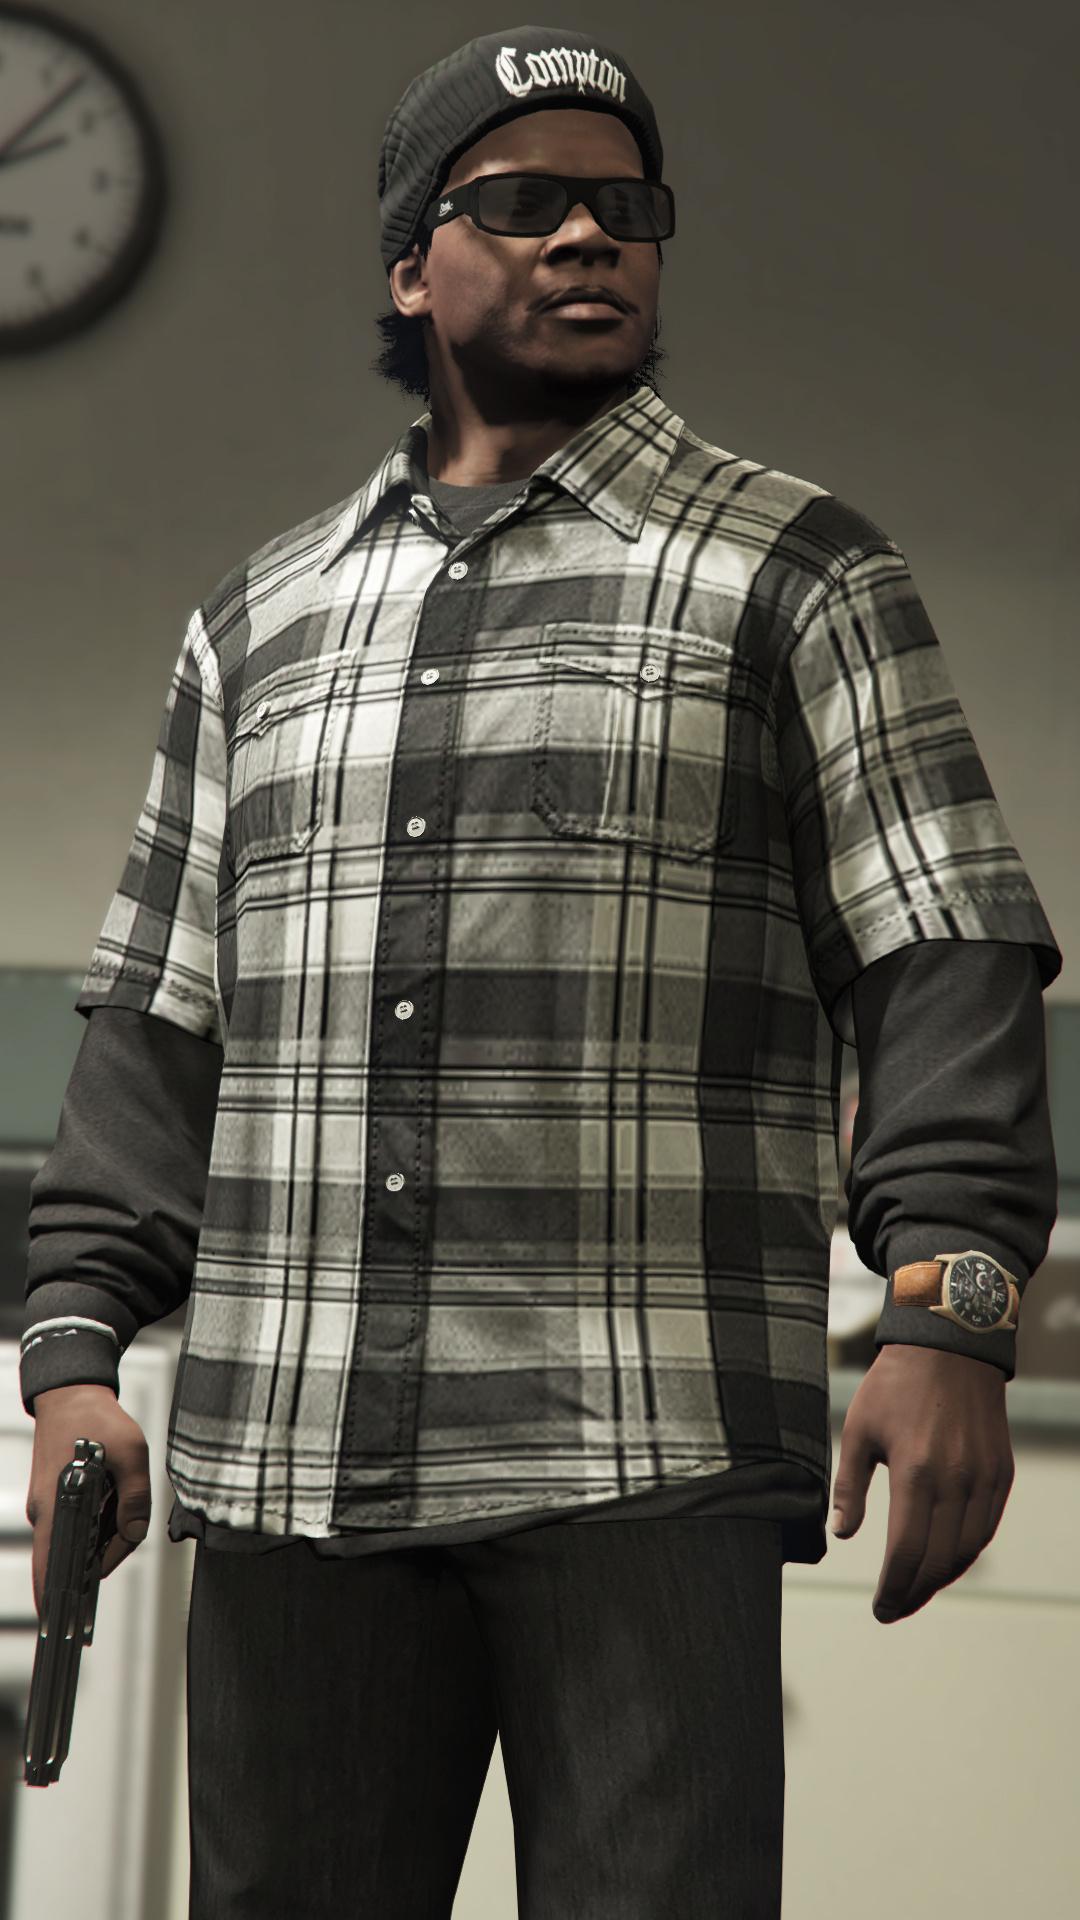 Franklin S High Quality Clothing Textures Gta5 Mods Com